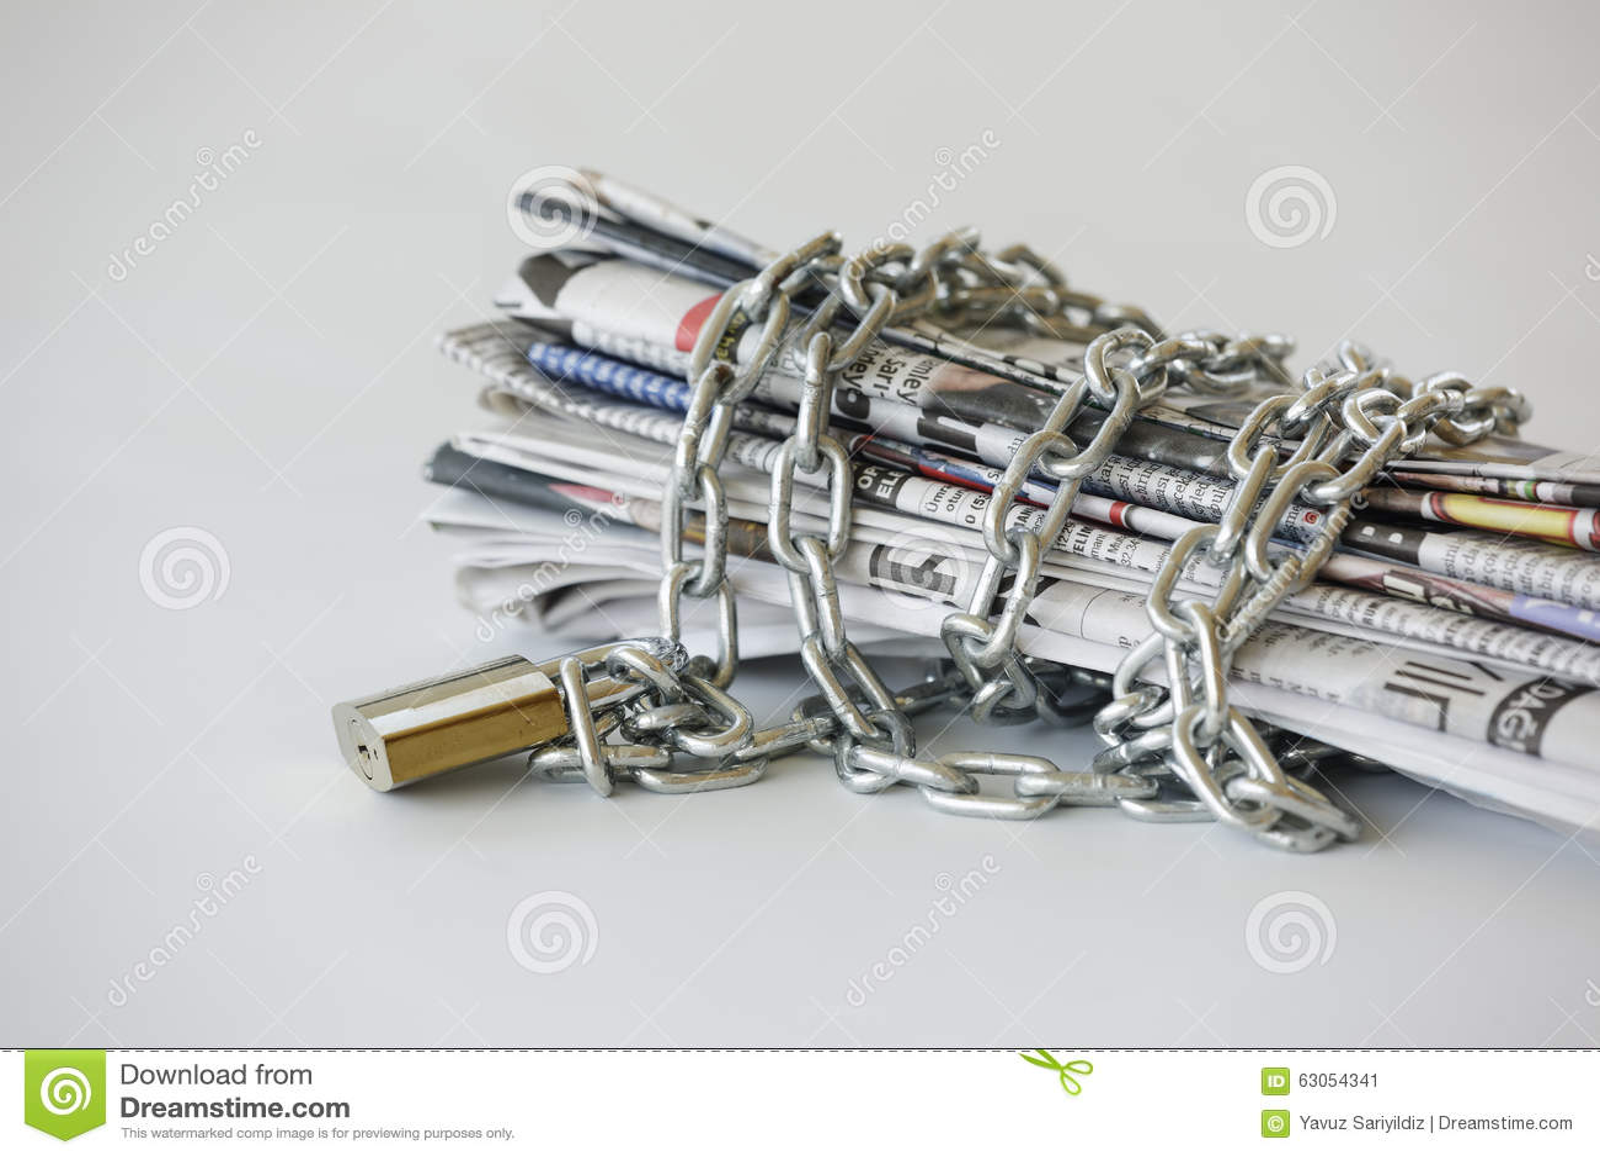 Liberdade de imprensa